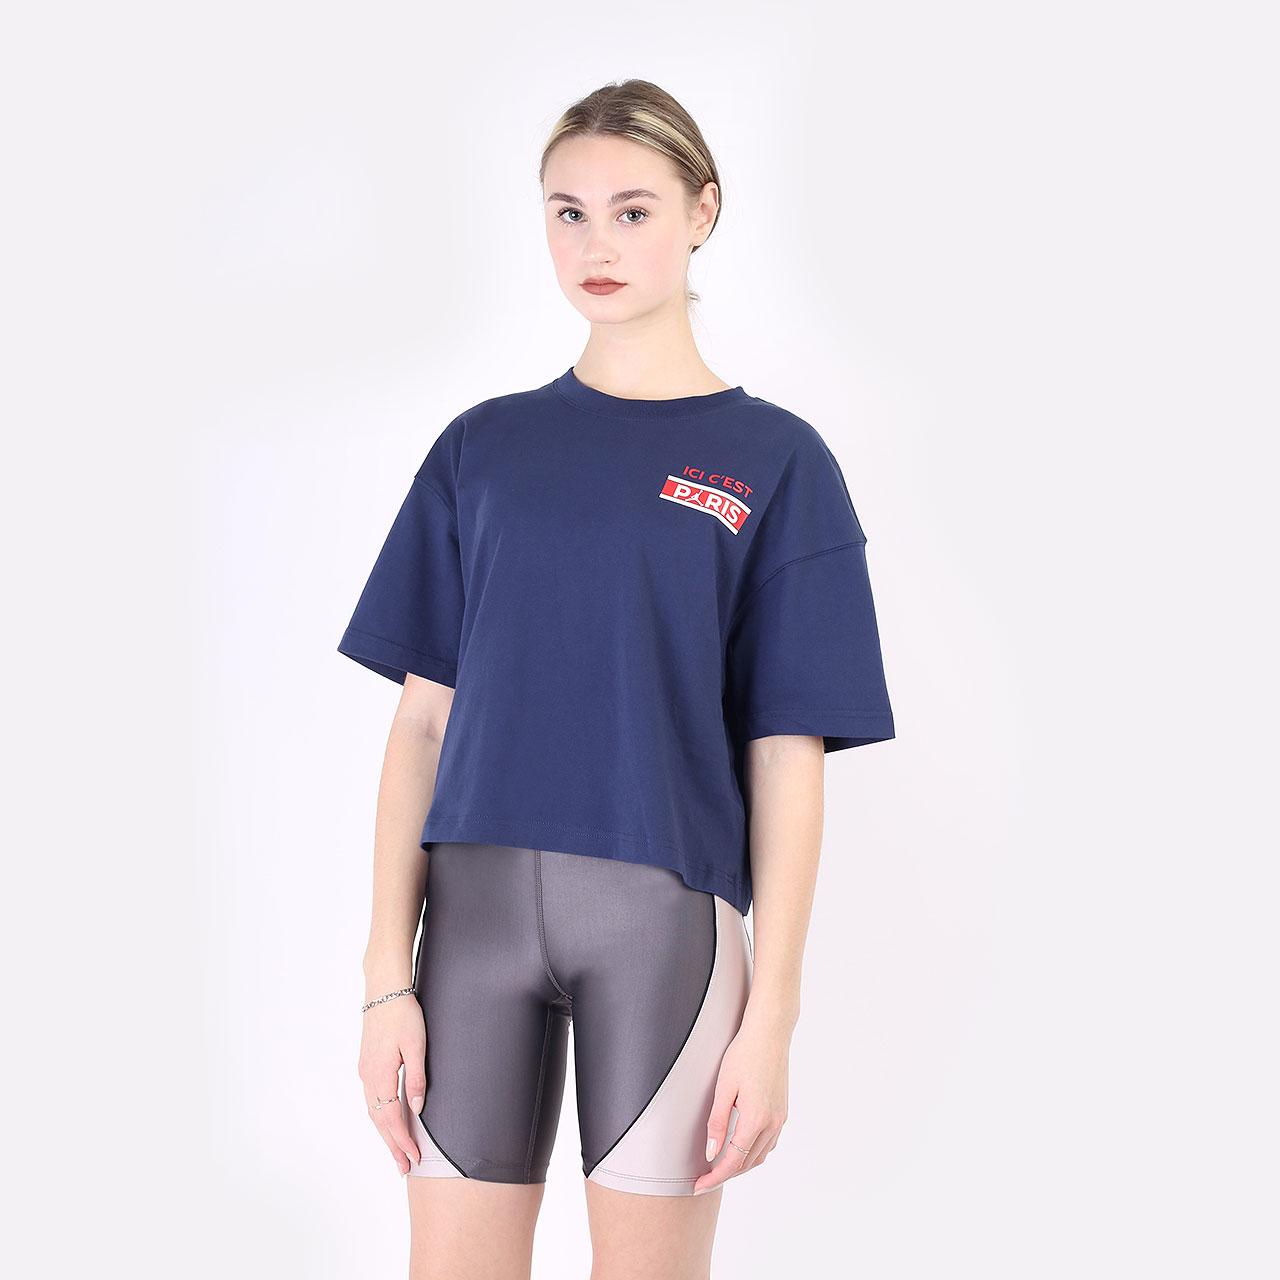 женская синяя футболка Jordan Paris Saint-Germain DC0457-410 - цена, описание, фото 1